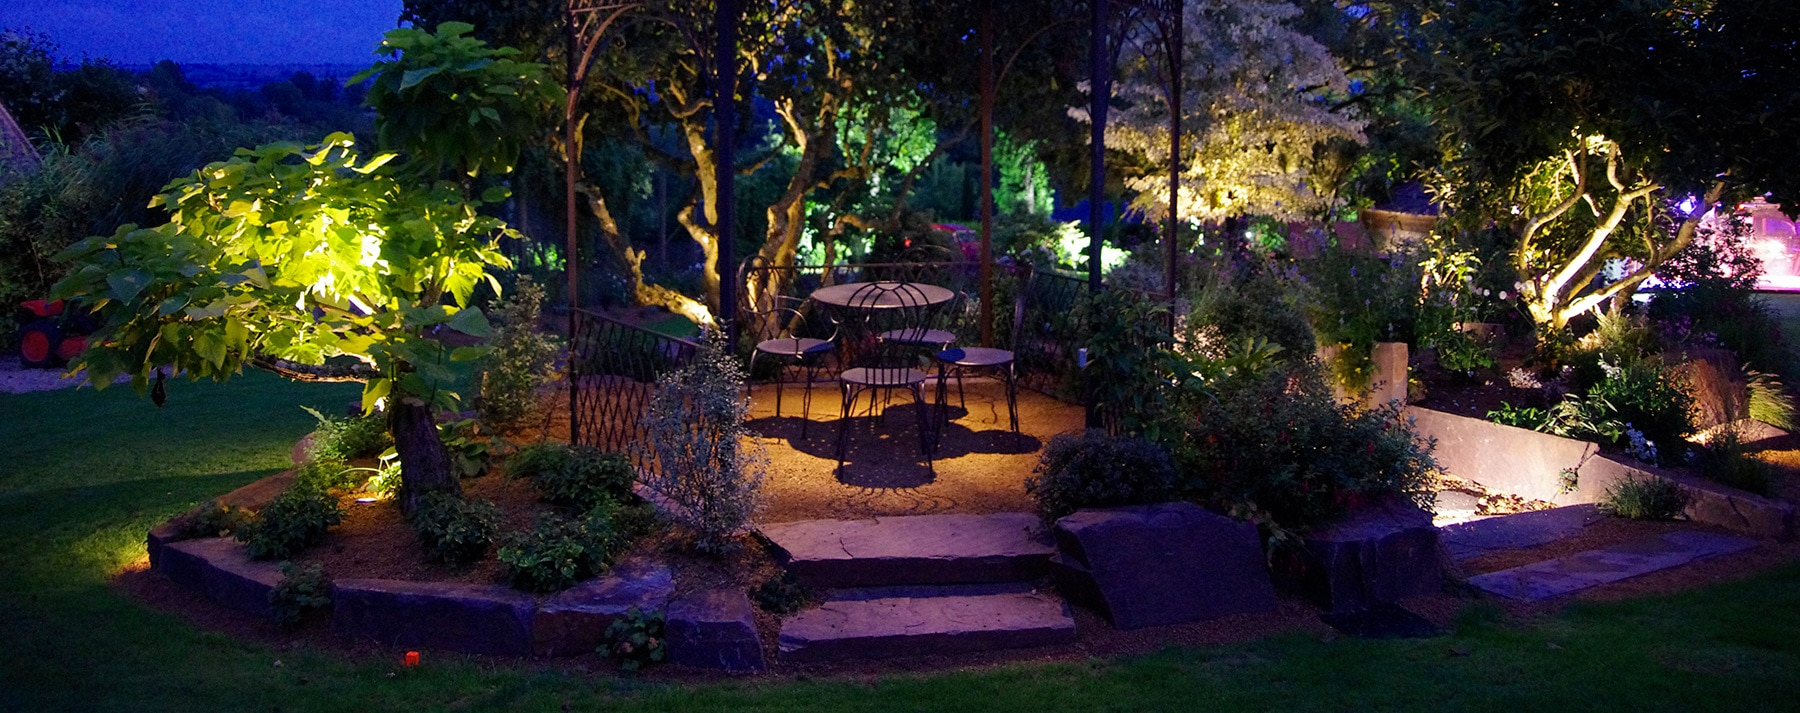 Lampe Exterieur Pour Tonnelle eclairage exterieur terrasse - eclairage exterieur led